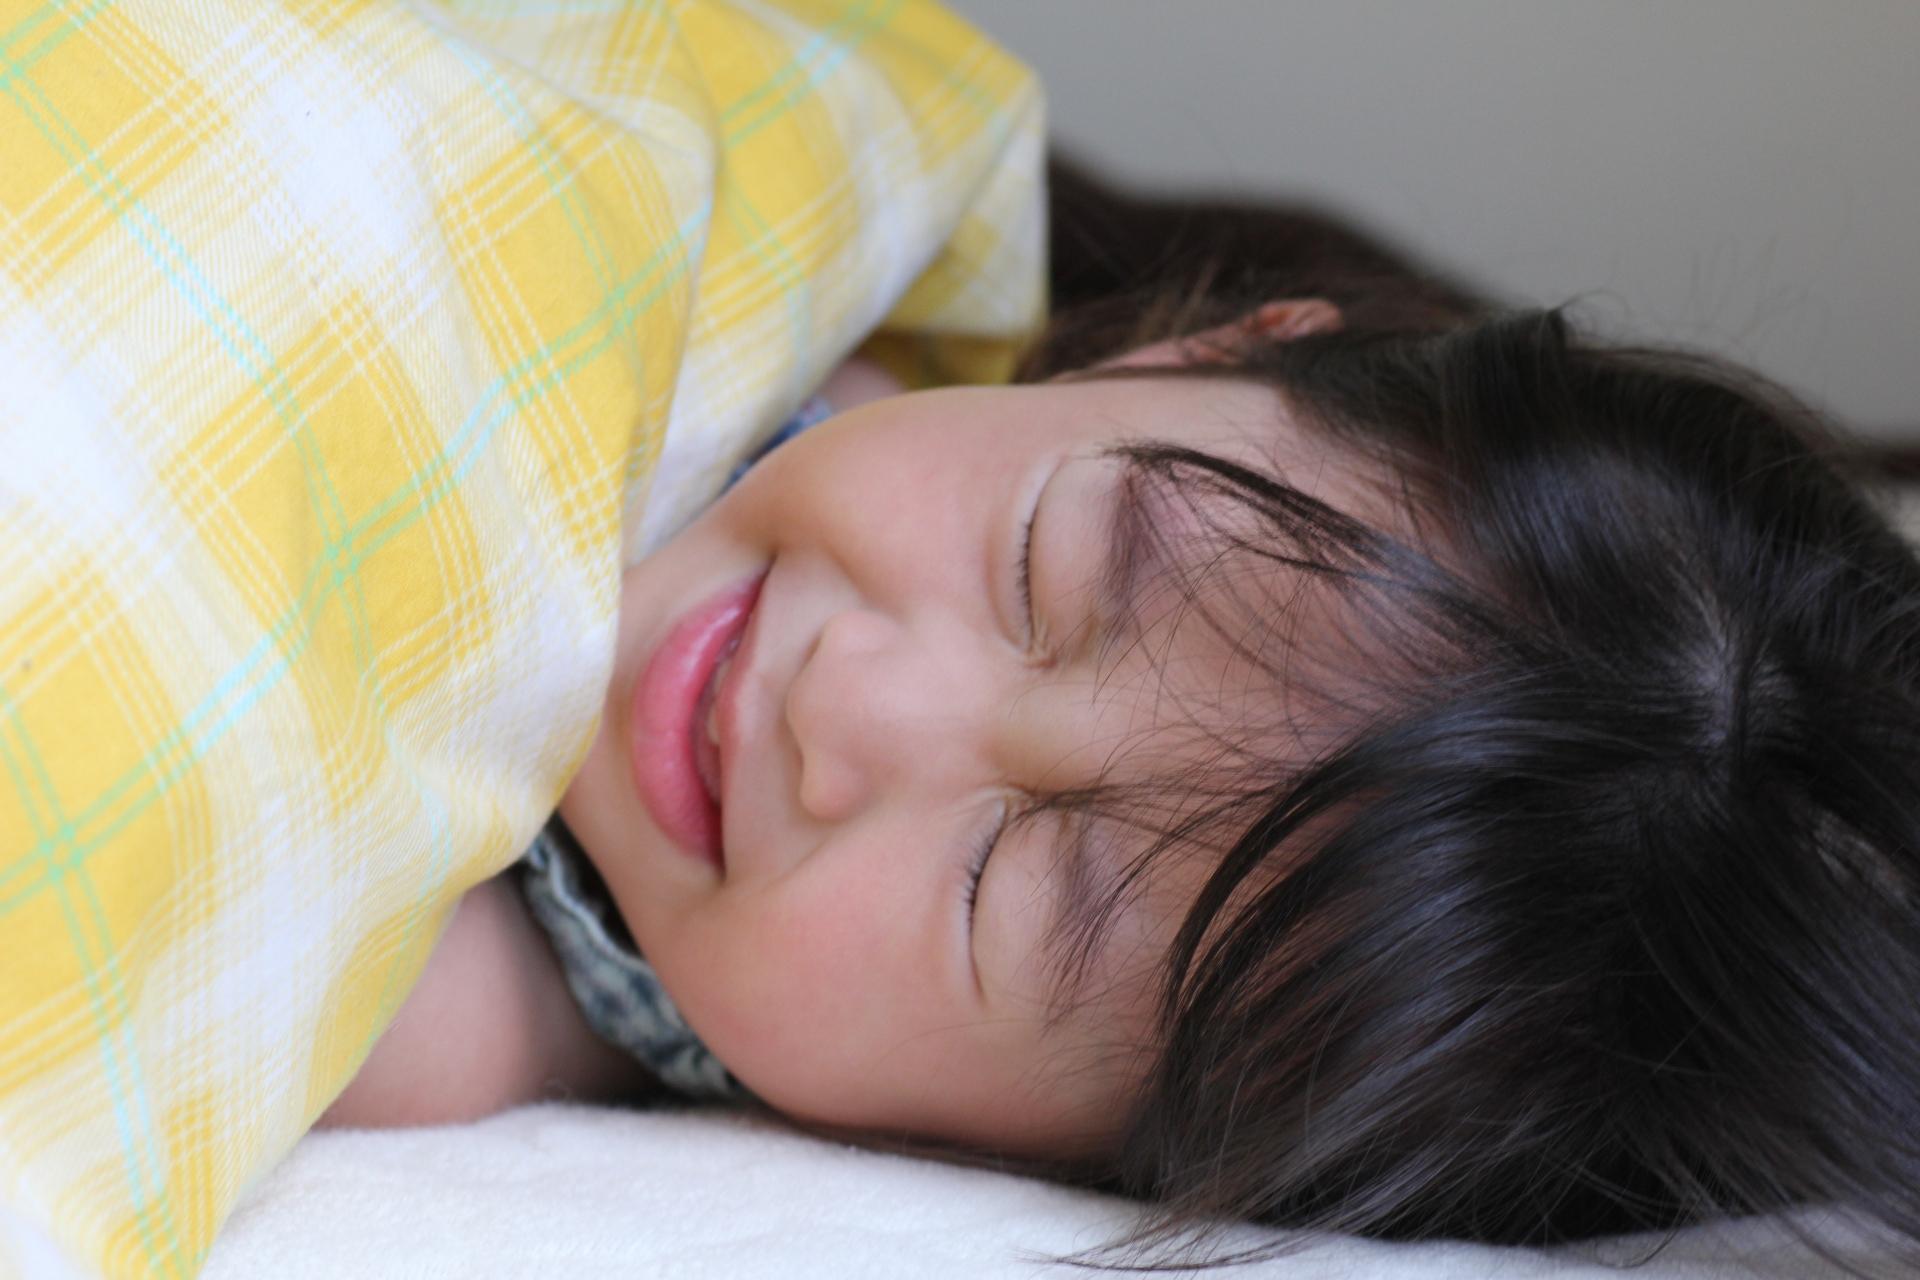 子供の風邪で欠勤は周囲に申し訳ないけど、仕方ない現状もある